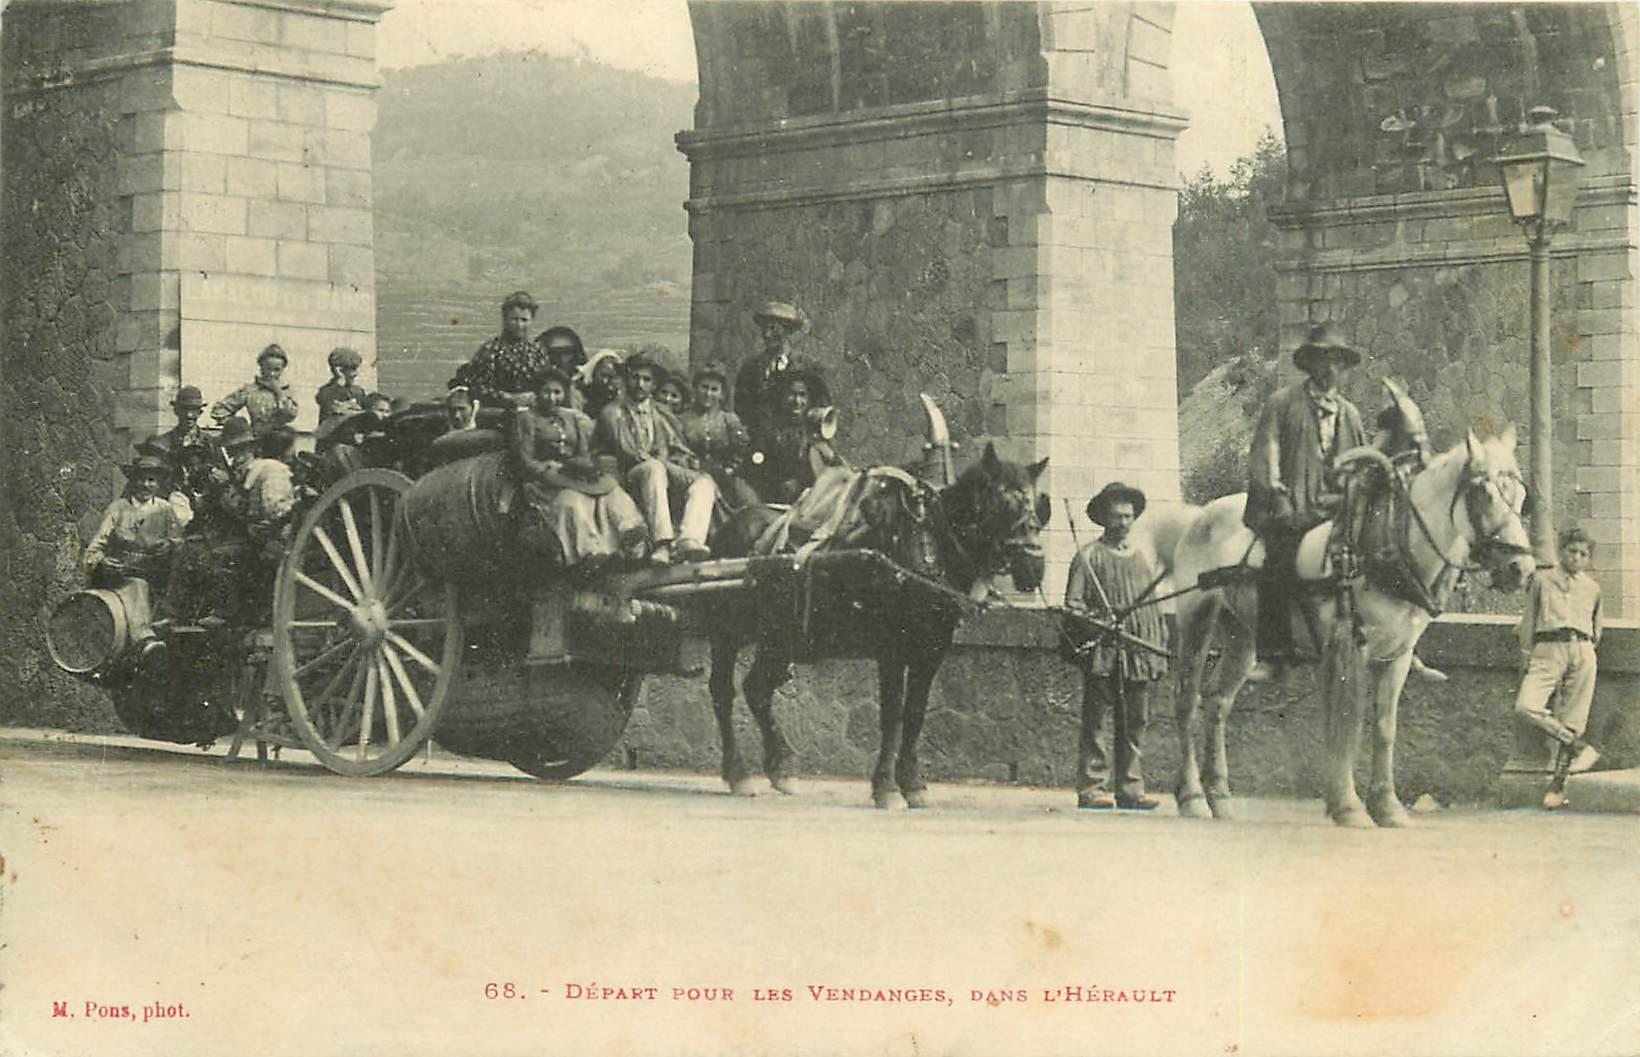 34 LAMALOU-LES-BAINS. Départ pour les Vendanges dans l'Hérault 1908